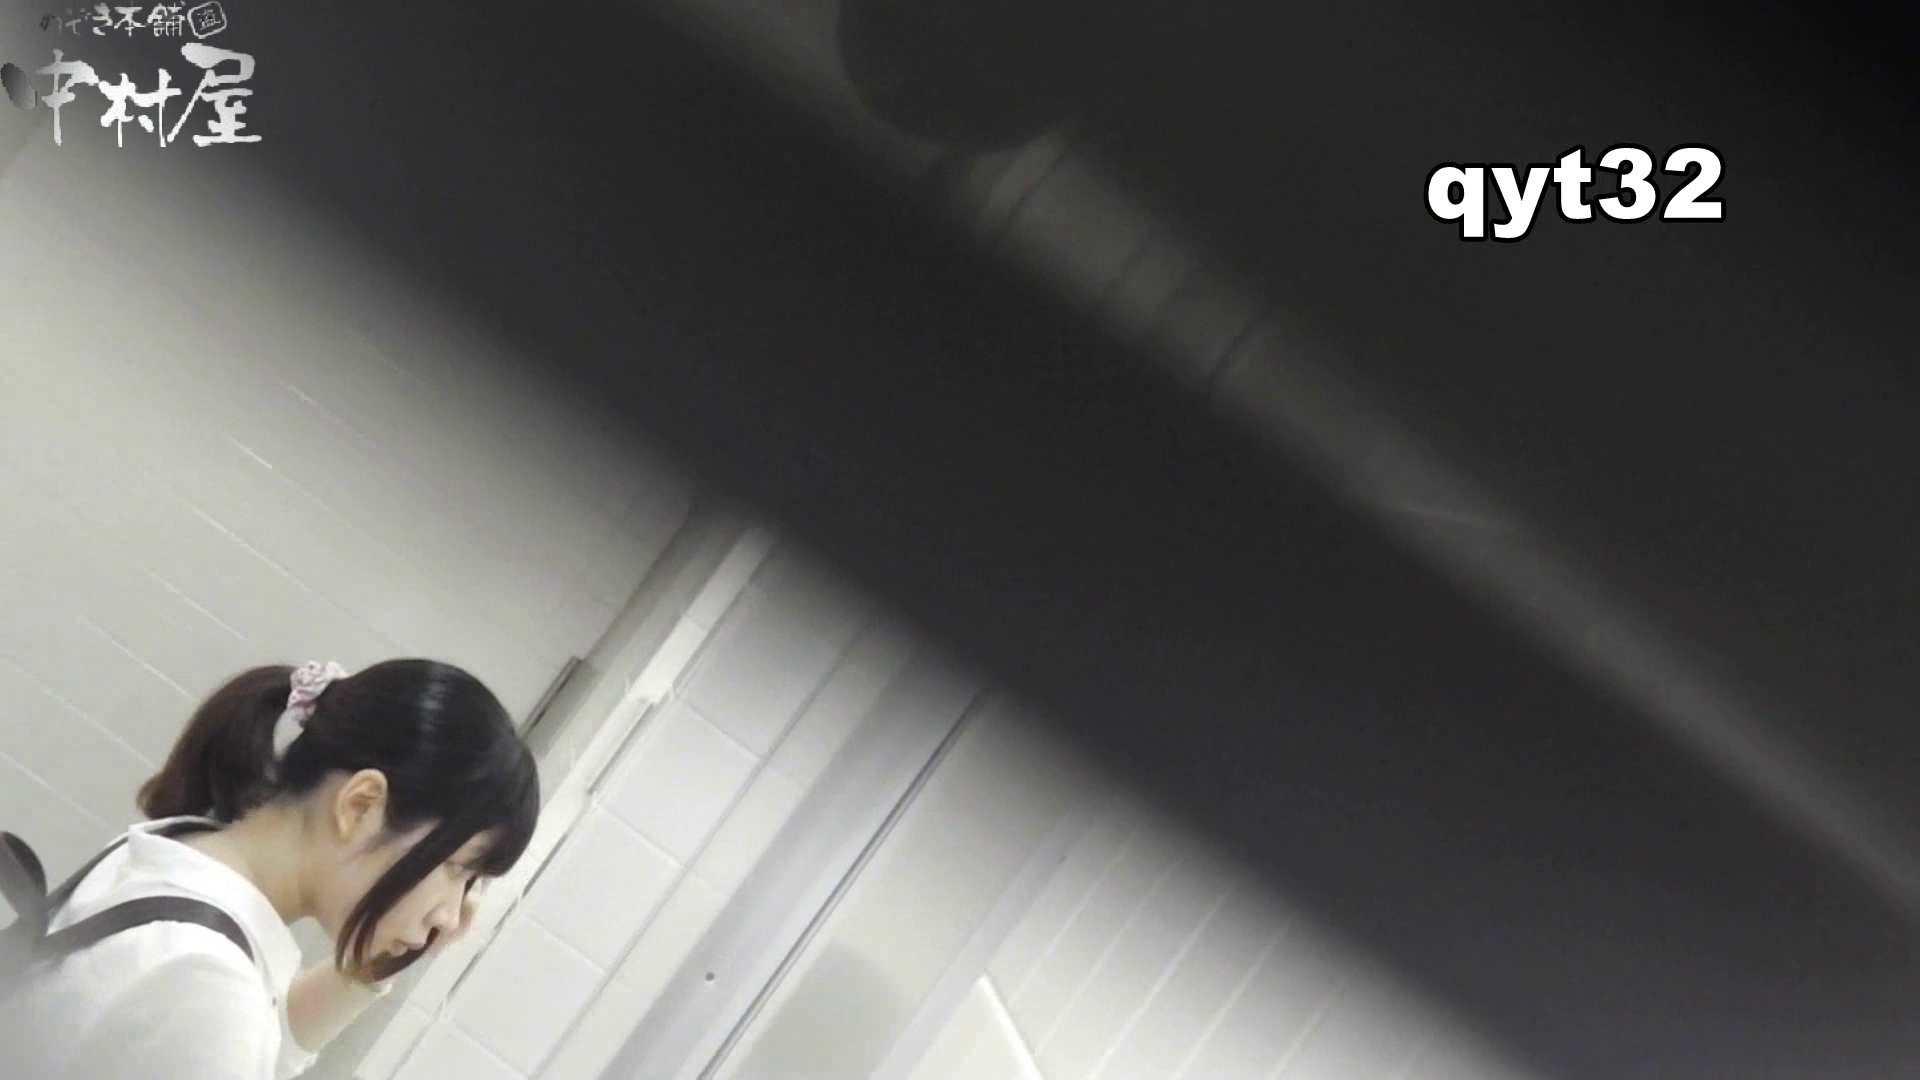 お銀さんの「洗面所突入レポート!!」】お銀さんの「洗面所突入レポート!!」 vol.32 執念 洗面所  30連発 10